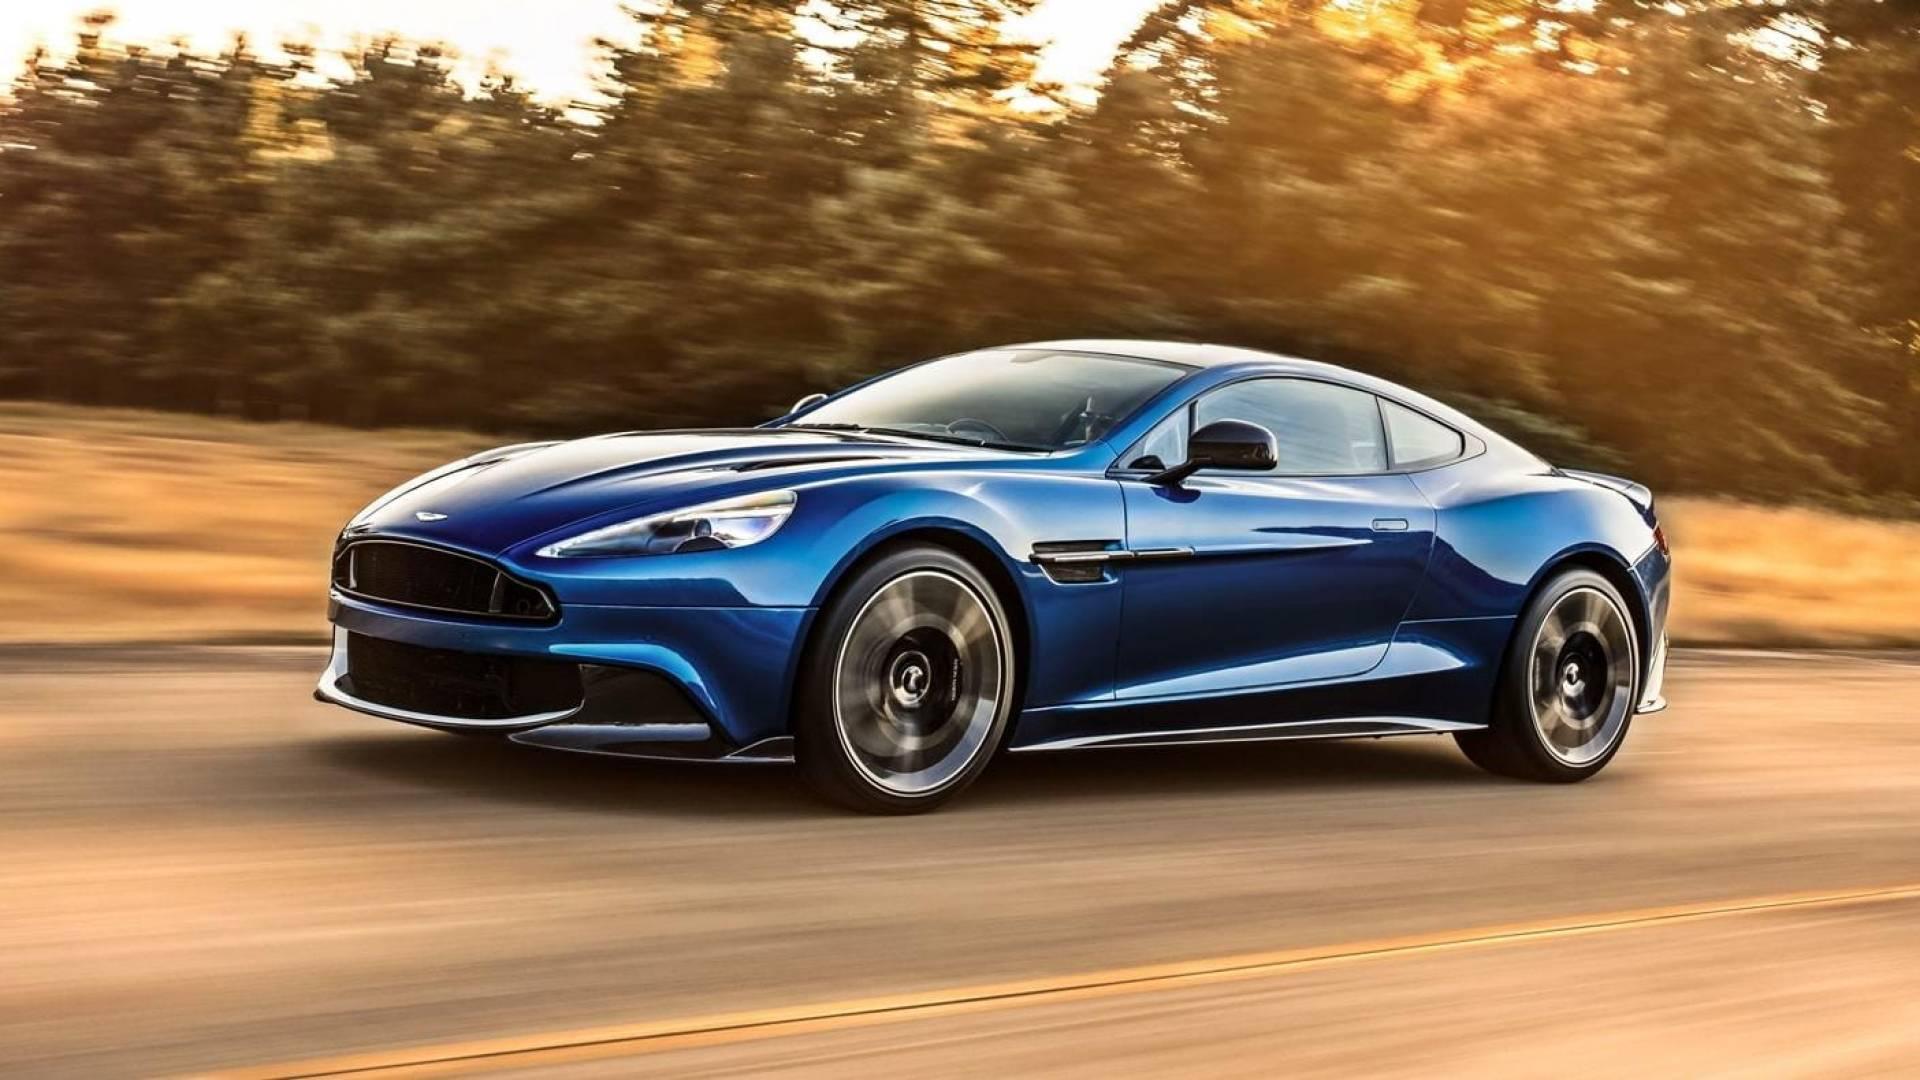 Aston Martin Vanquish S Precios Prueba Ficha Tecnica Fotos Y Noticias Diariomotor